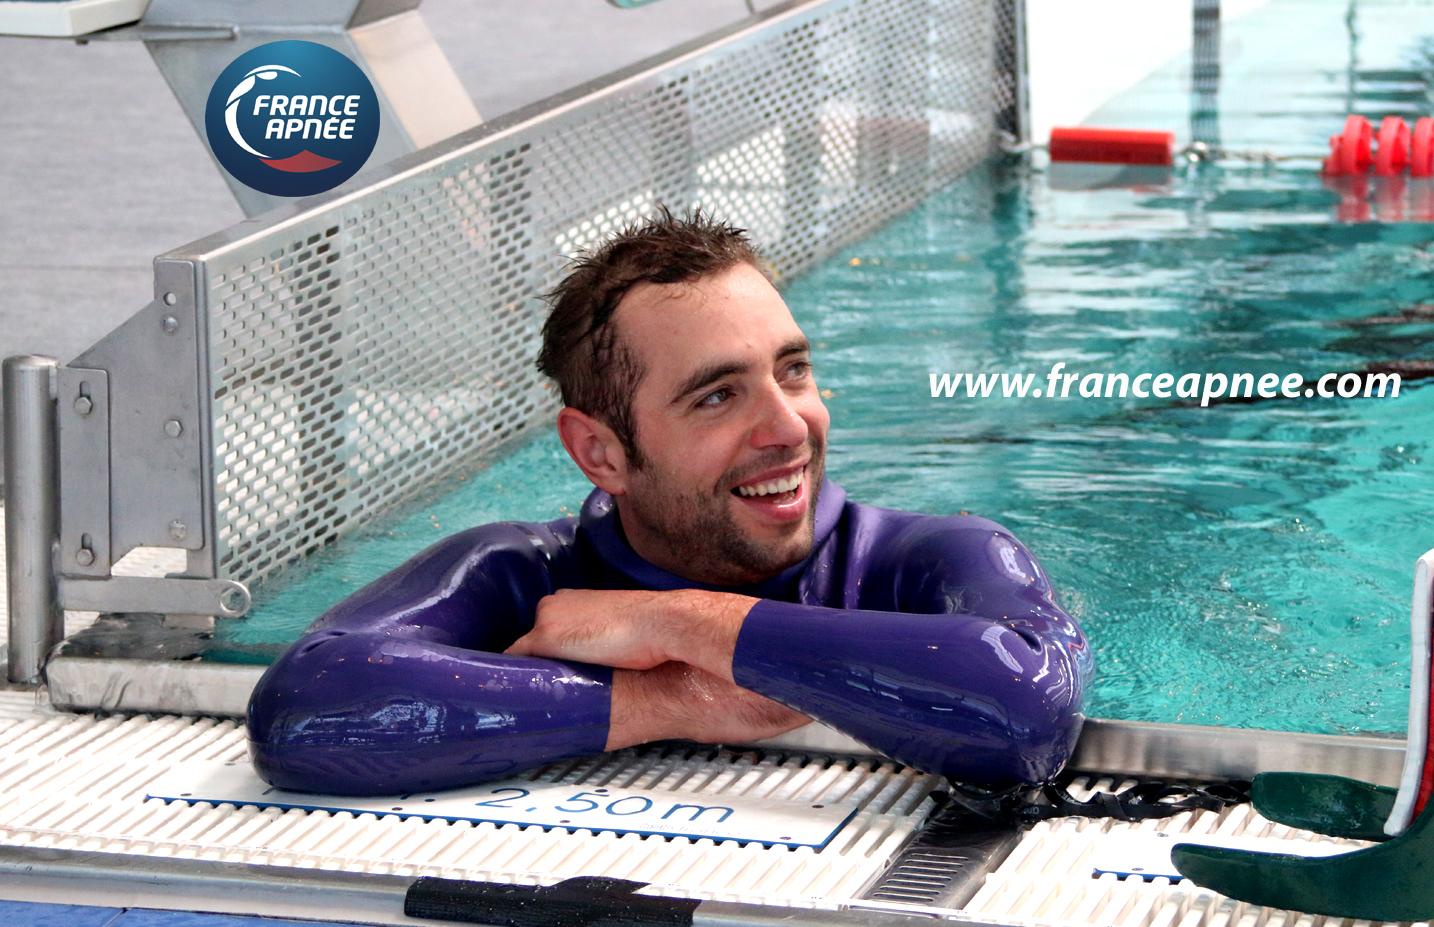 Heureux, Arthur Guérin-Boéri vient de nager un solide 250m DYN